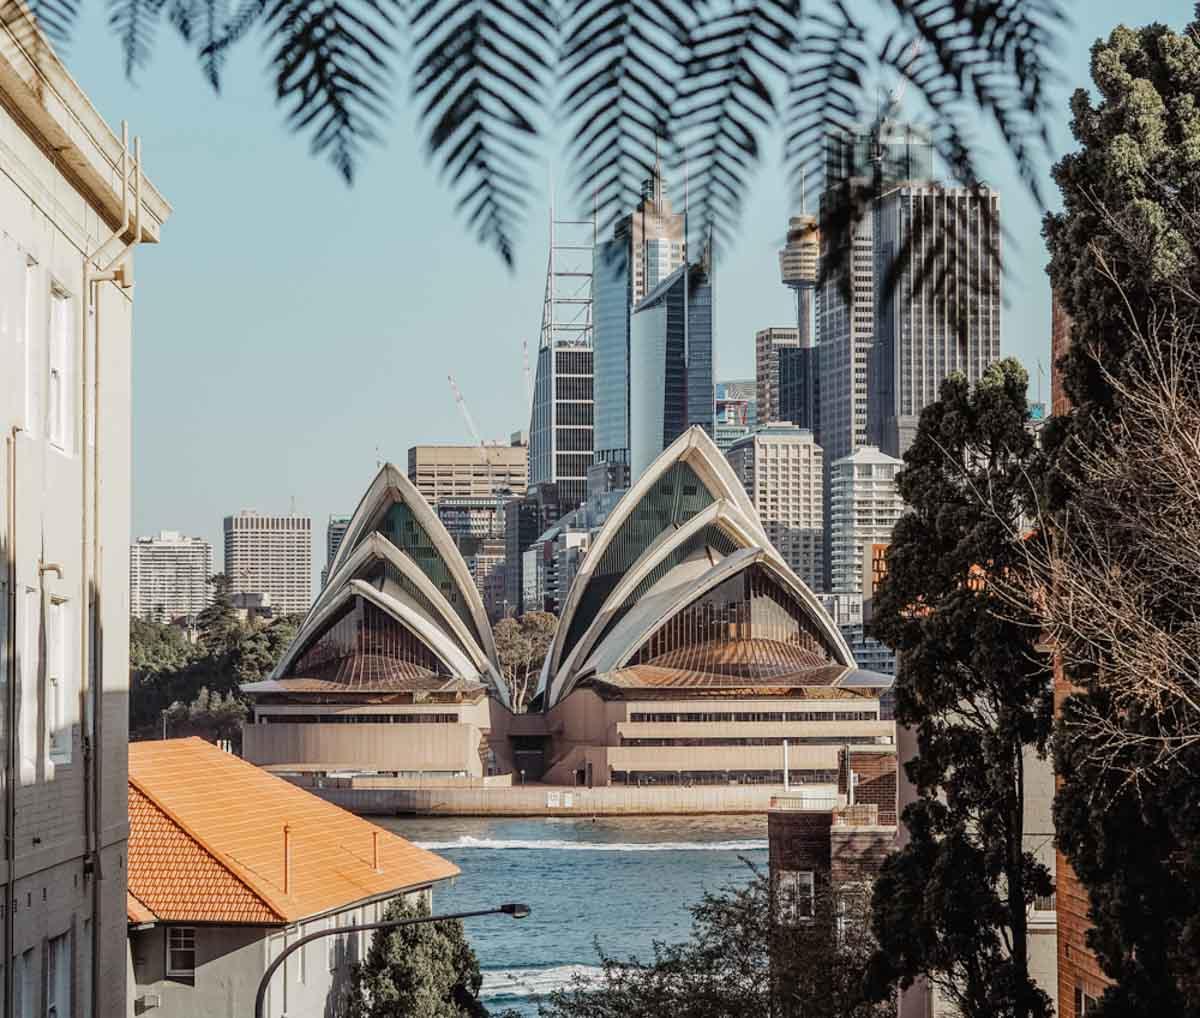 Práce a studium v Austrálii - rozhovor Lucie Nohynková